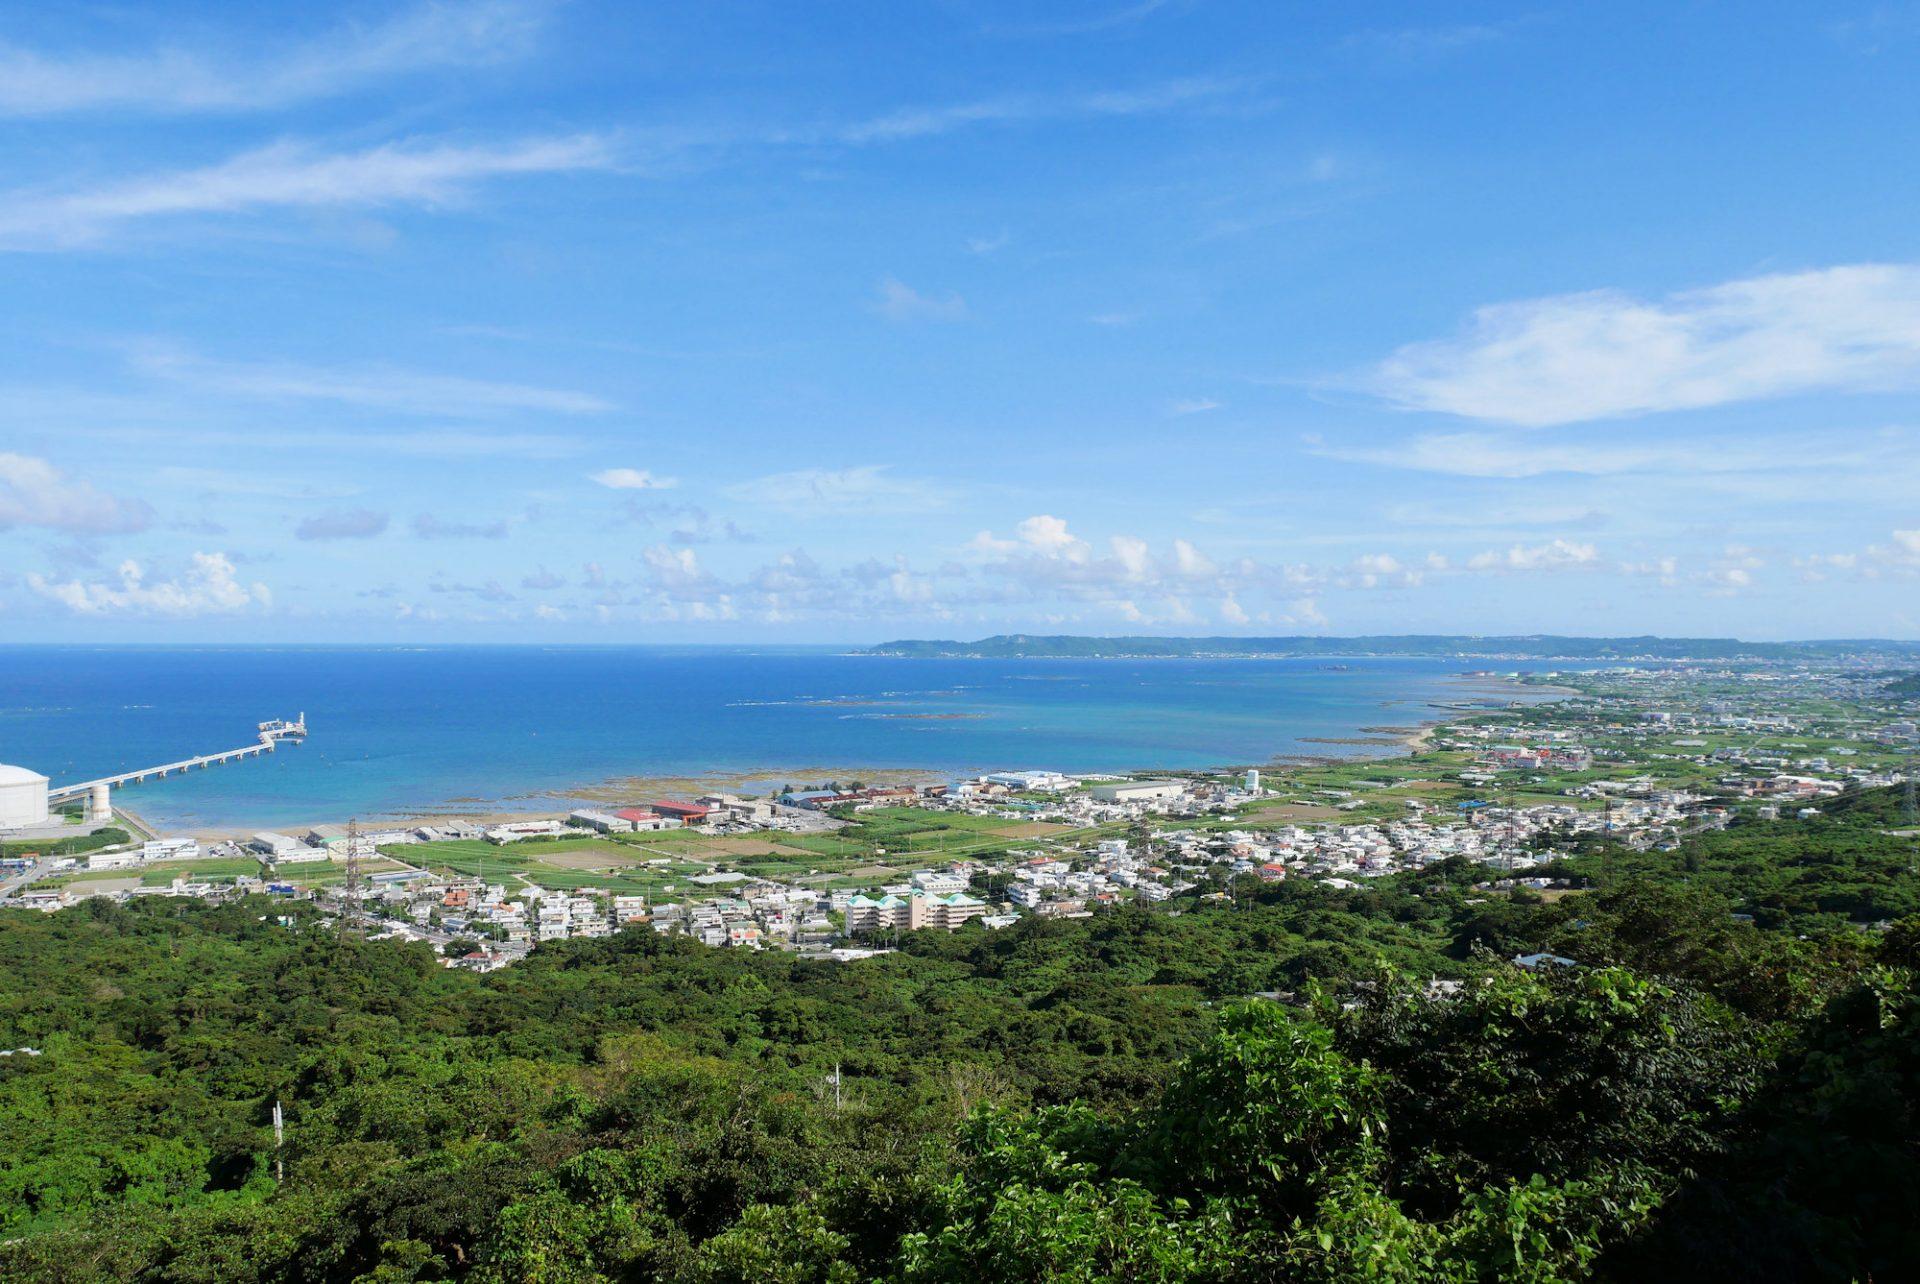 絶景 景色 中城村 世界遺産 中城城跡 沖縄 観光 旅行 歴史